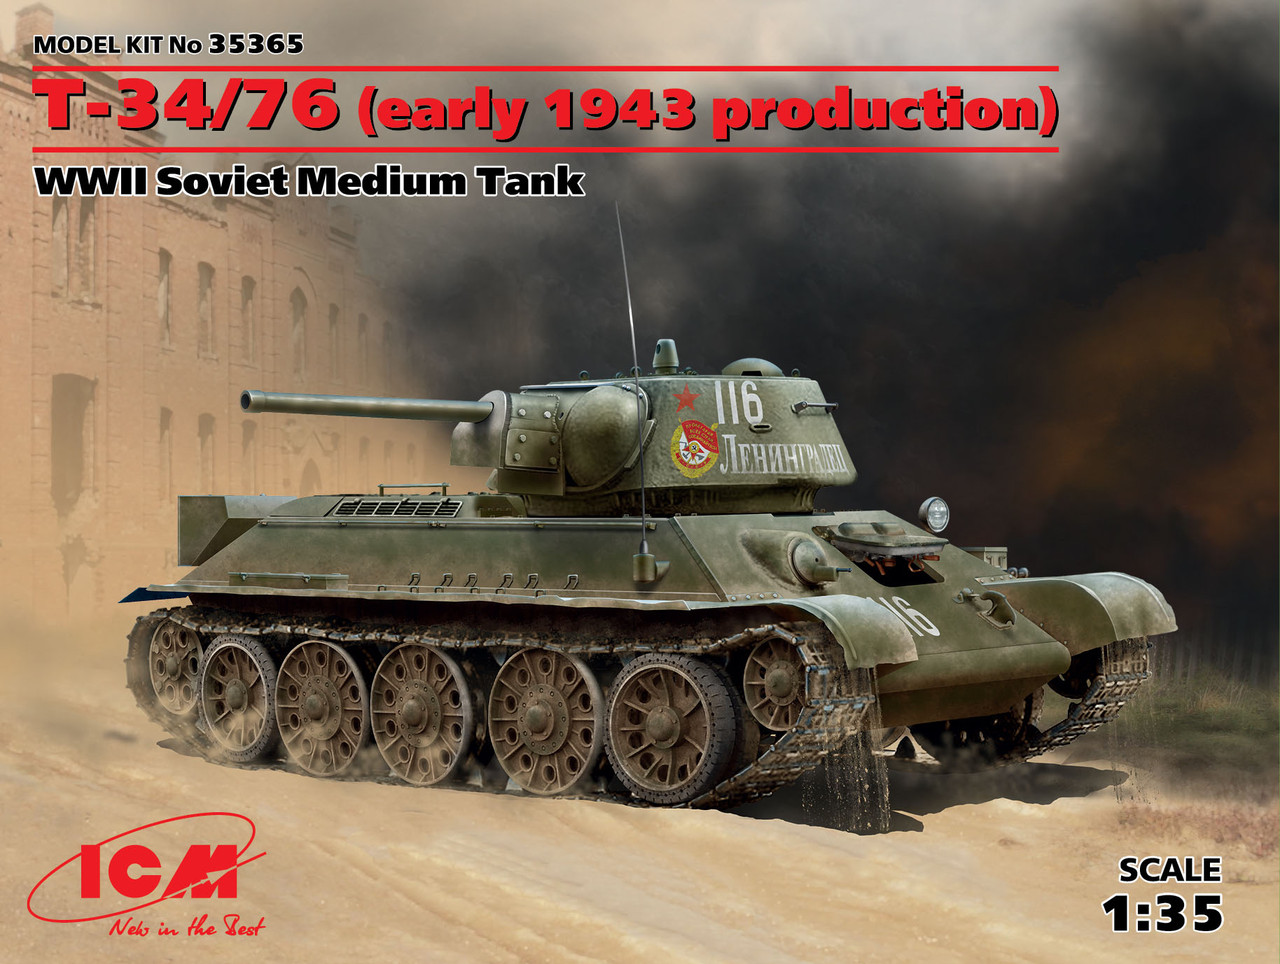 T-34/76 (производство начала 1943 г.),Советский средний танк ІІ МВ. 1/35 ICM 35365